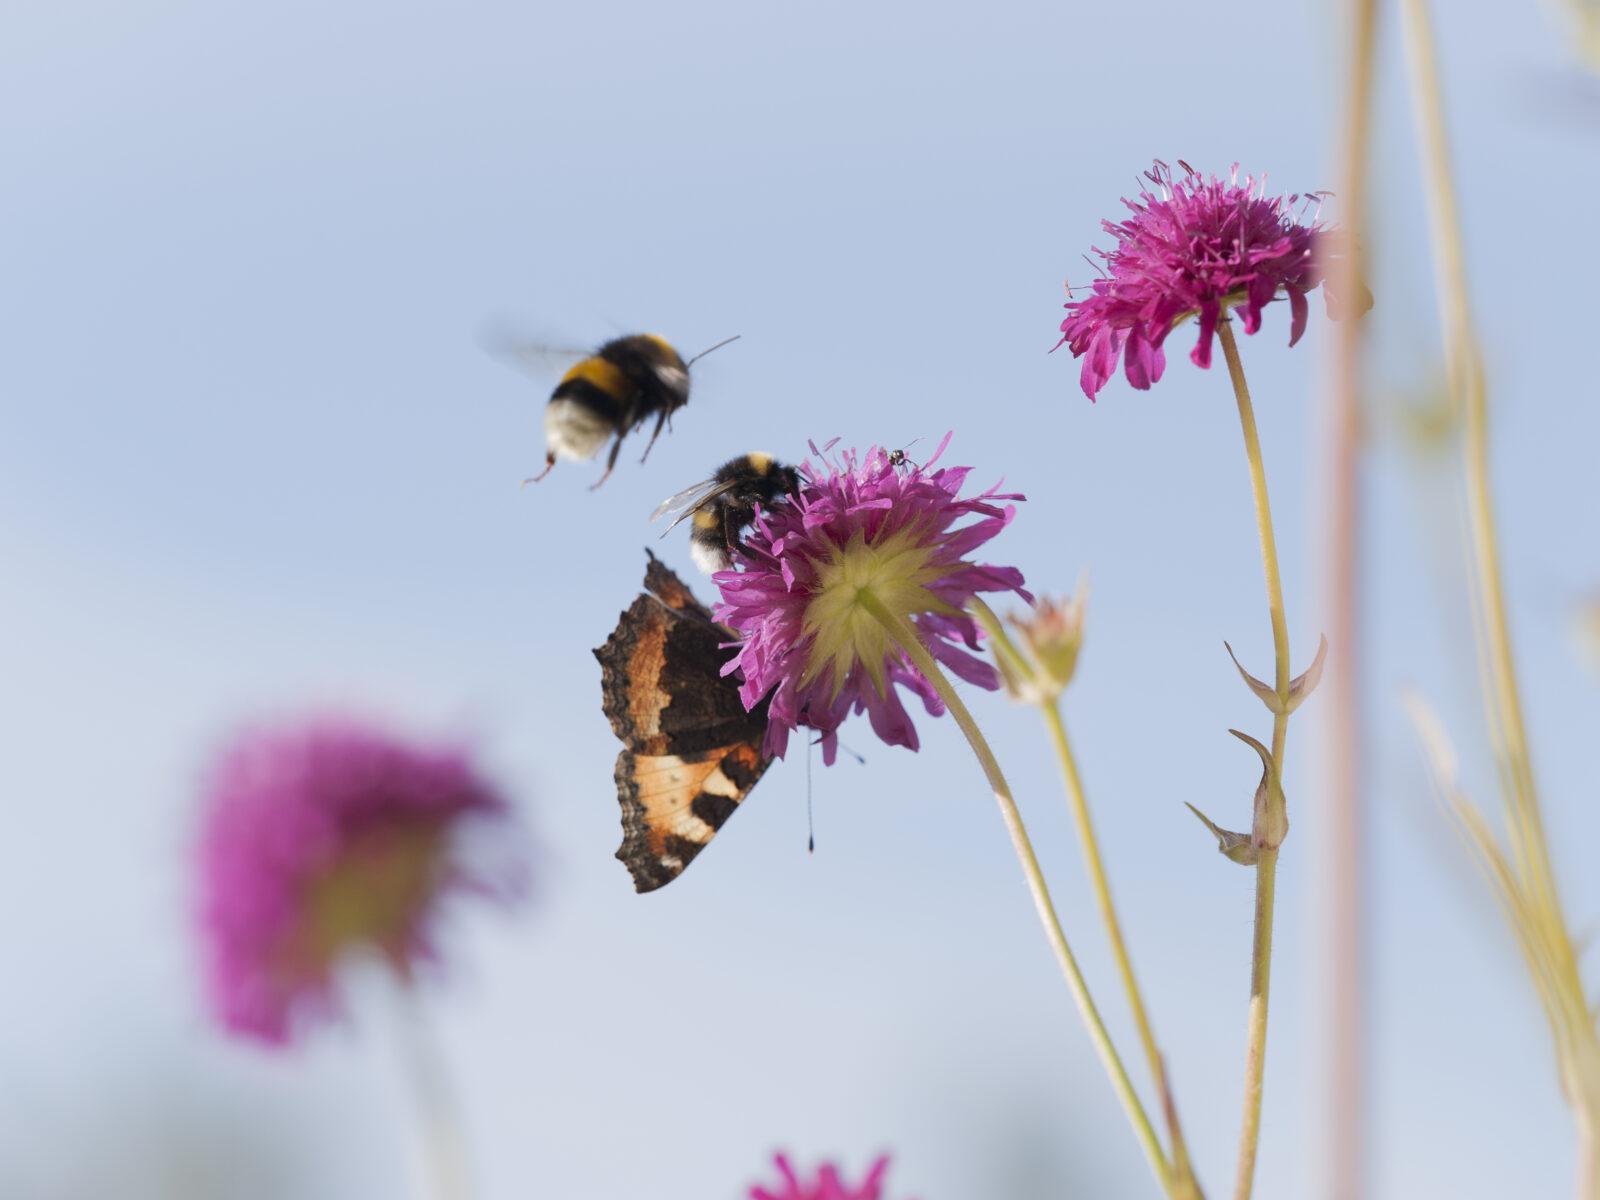 grekvädd,blomma,blommor,växt,växter,humla,humlor,insekt,insekter,nässelfjäril,fjäril,fjärilar,pollinera,pollinerar,pollinering